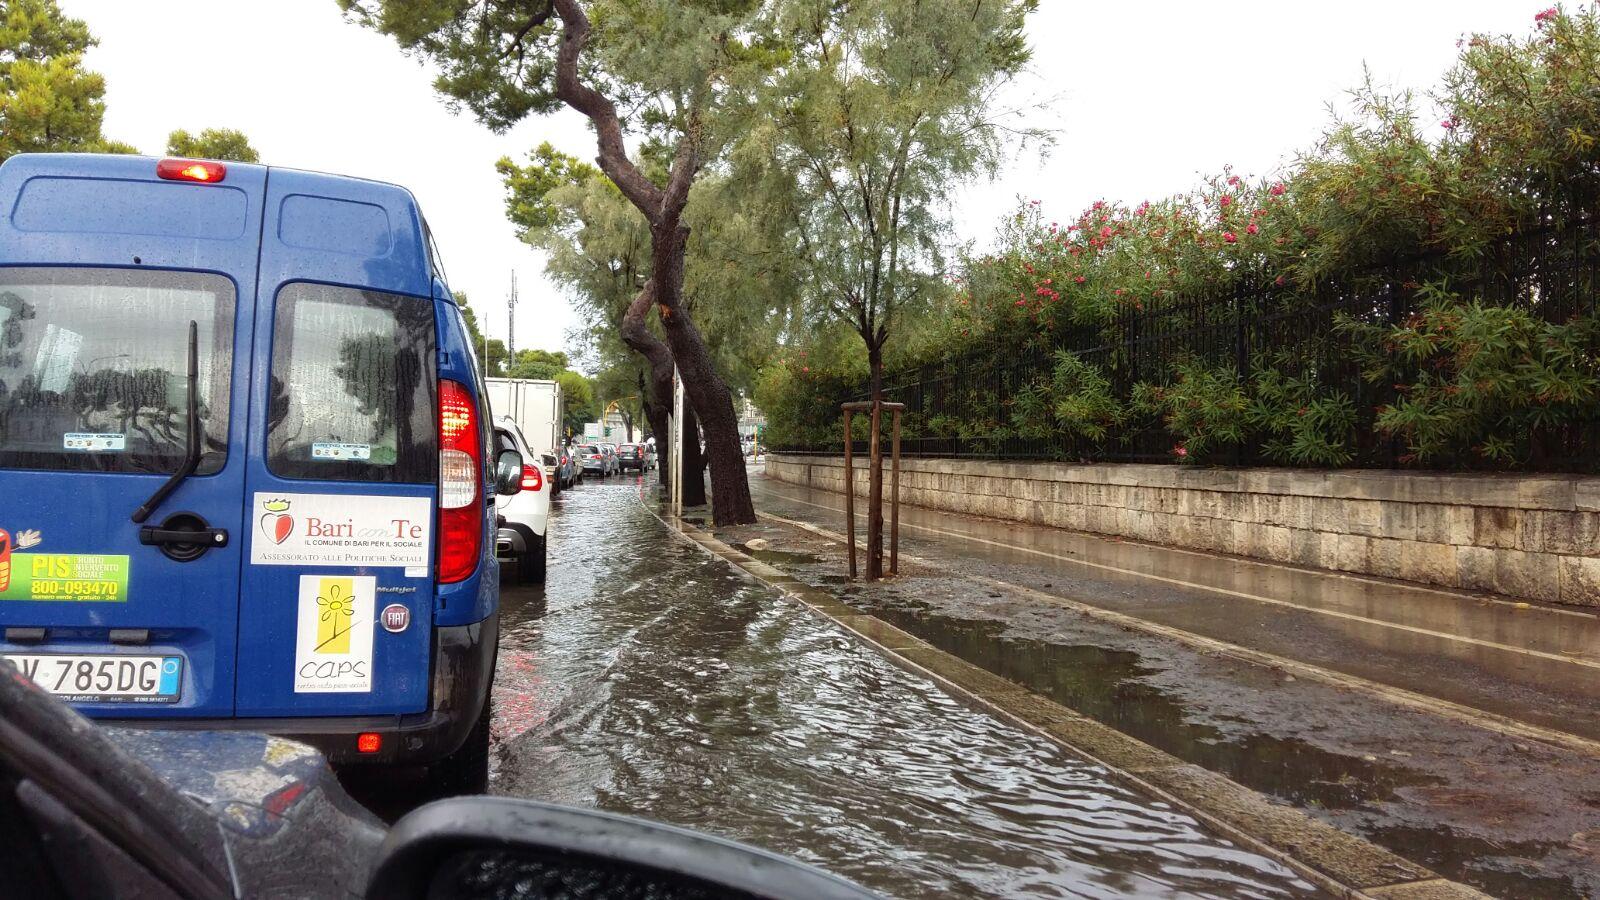 Maltempo Puglia, linea Brindisi - Lecce: binari allagati - Aggiornamento ore 14